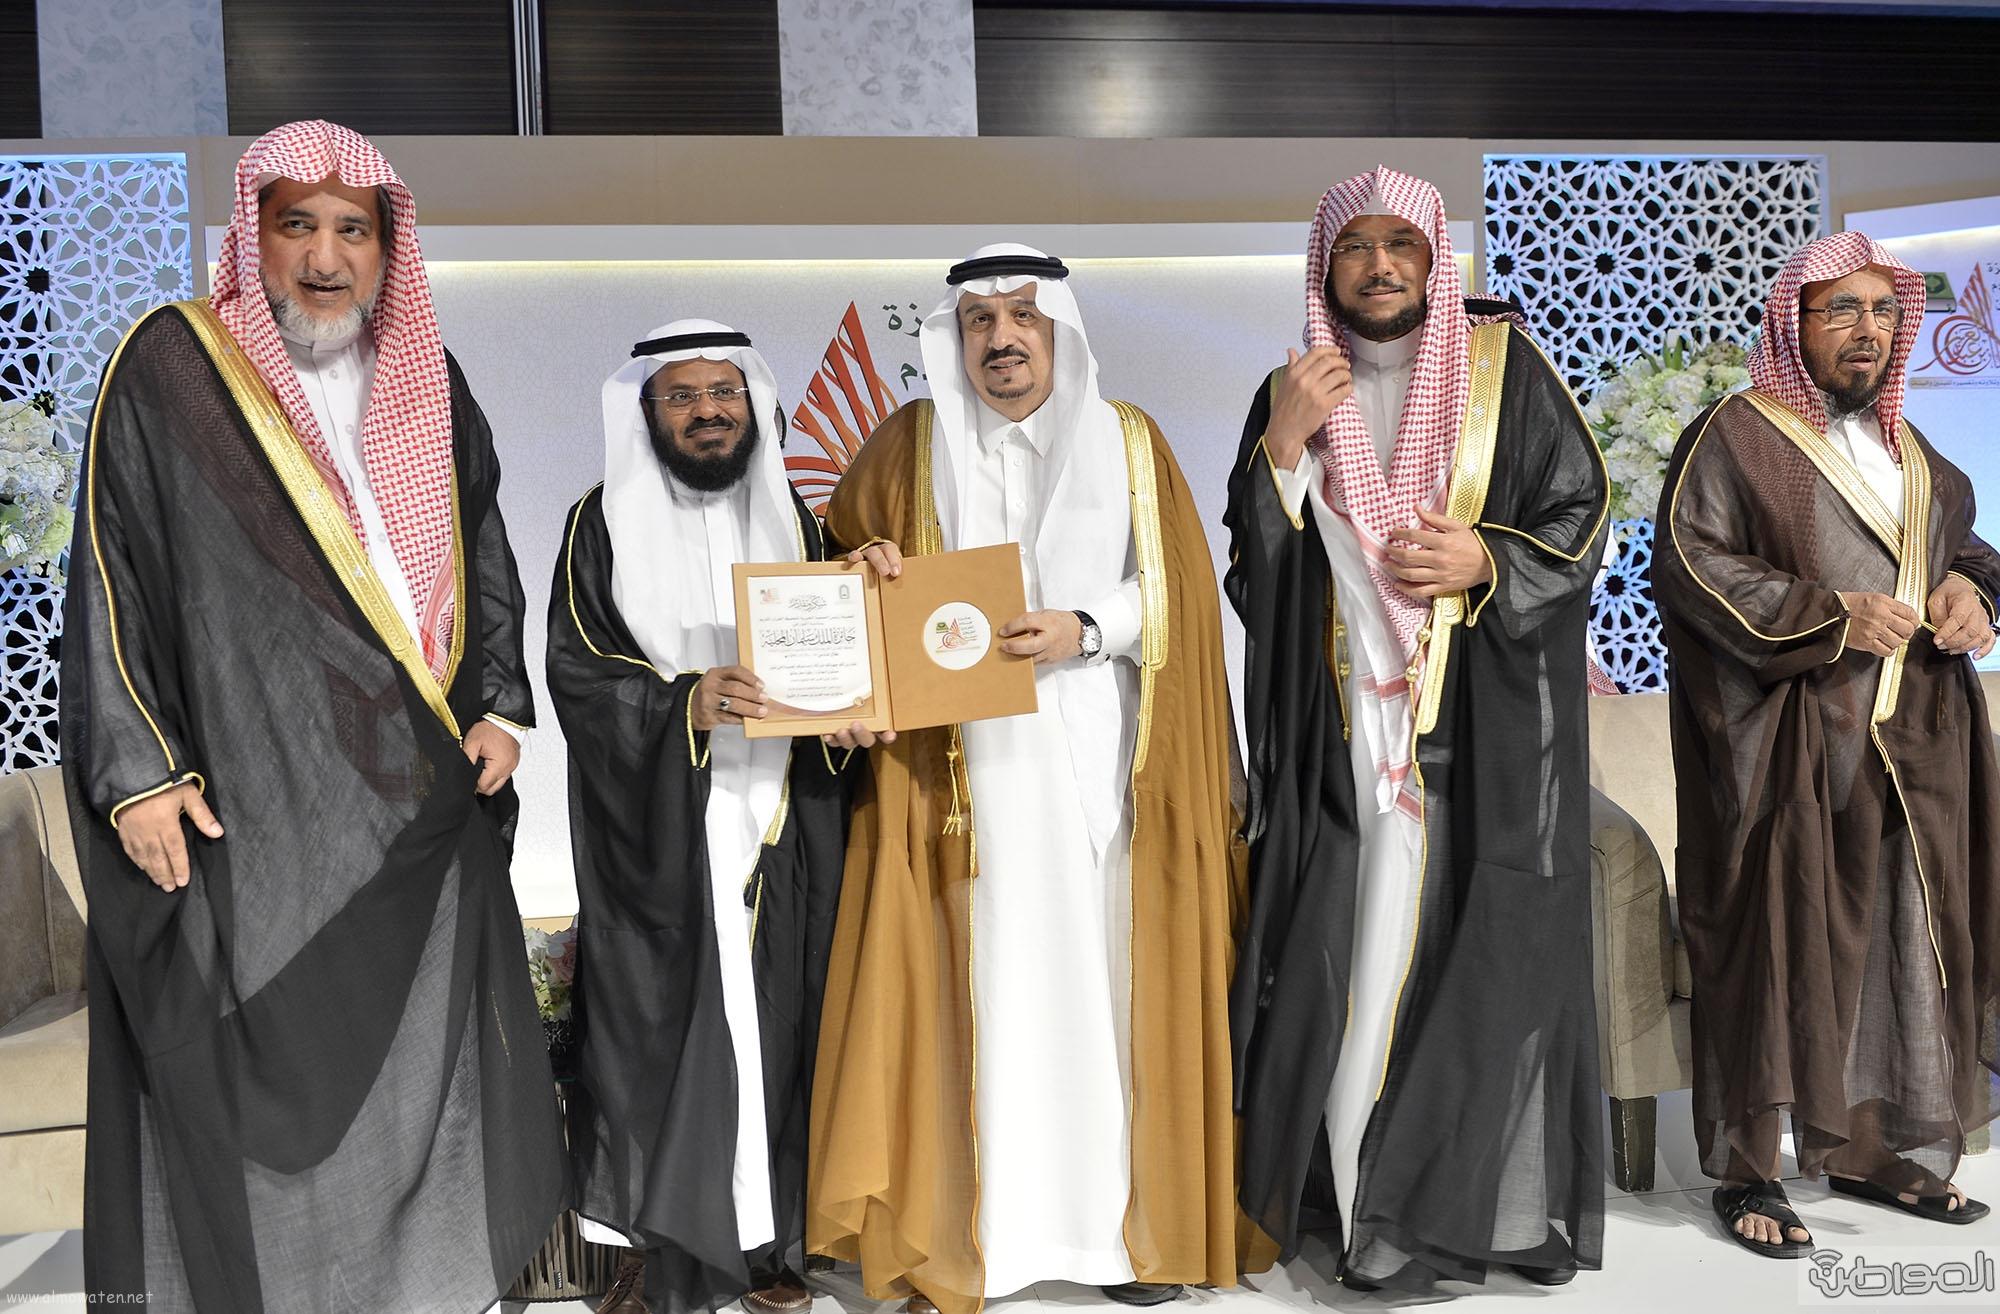 امير منطقة الرياض يرعى حفل اختتام مسابقة جائزة الملك سلمان لحفظ القران الكريم (20)